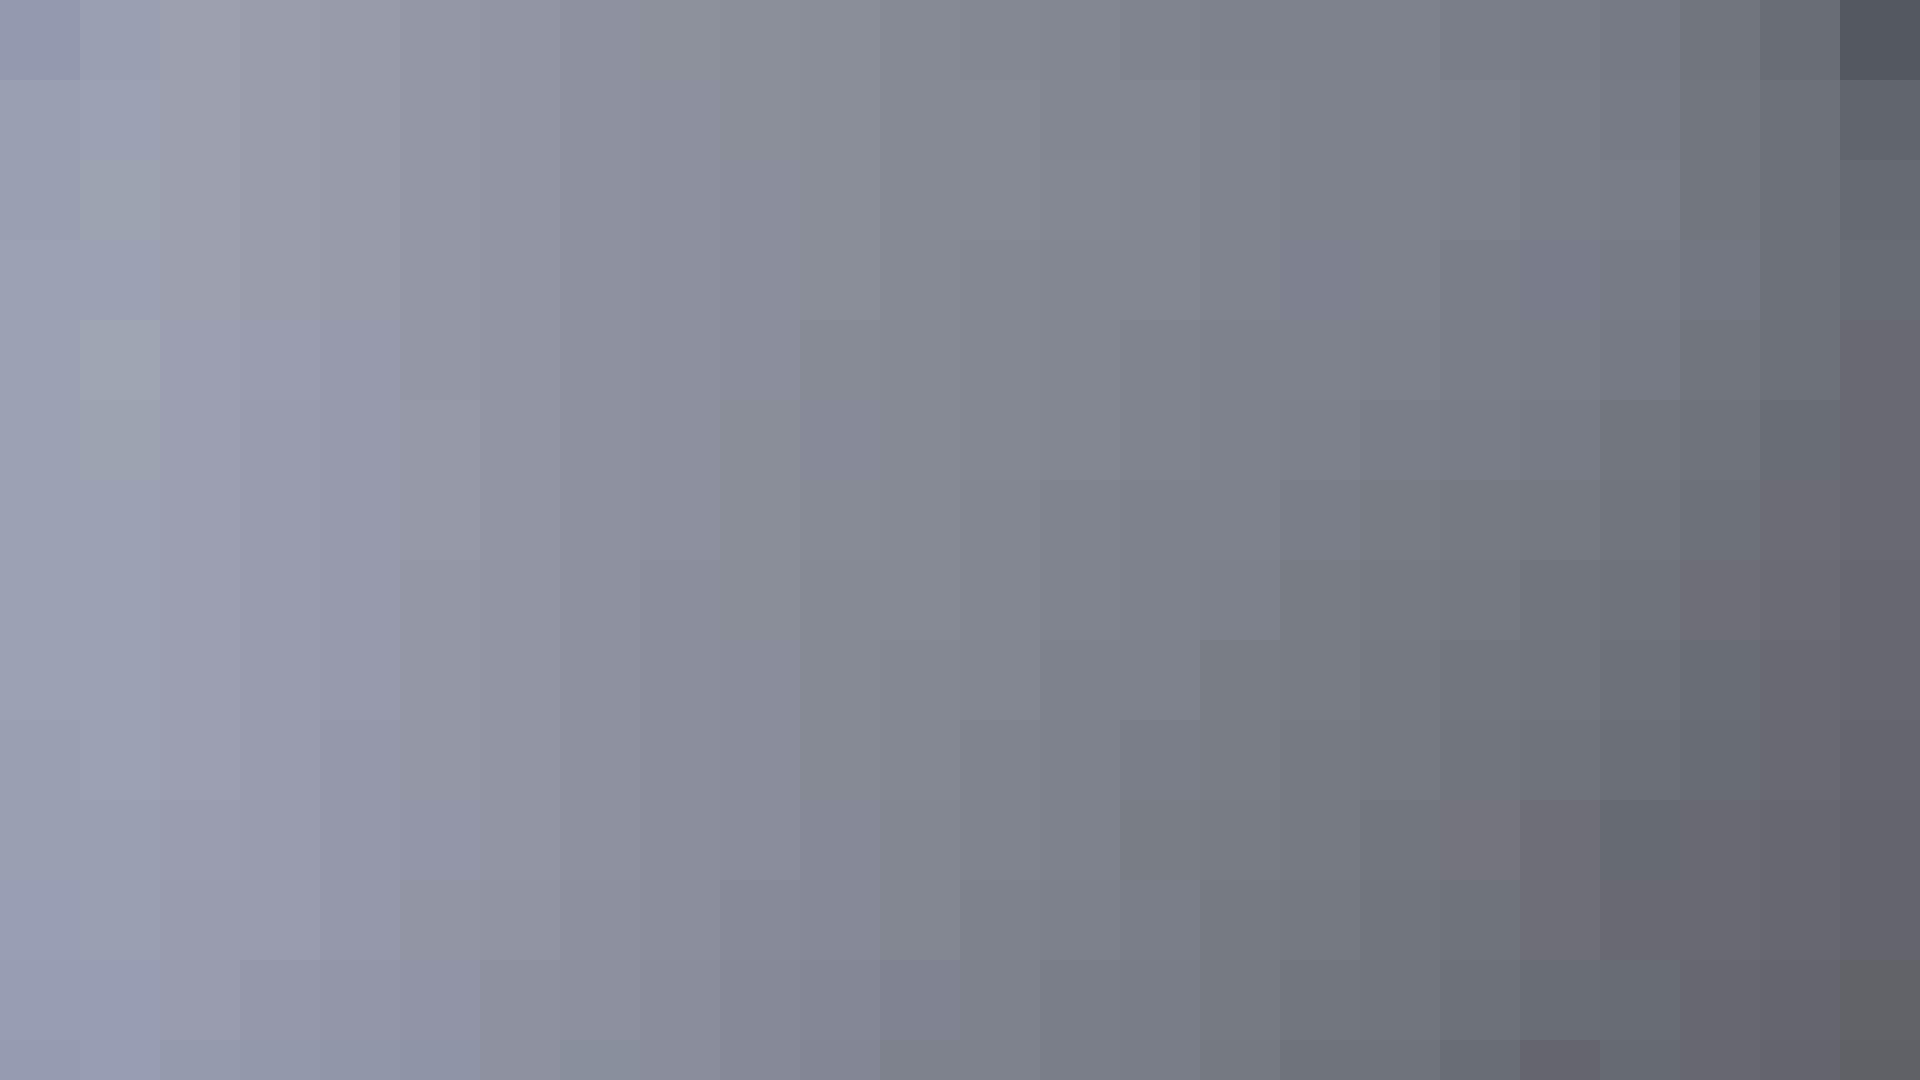 vol.28 命がけ潜伏洗面所! ∑(゚Д゚)アッ! エロティックなOL  106画像 40